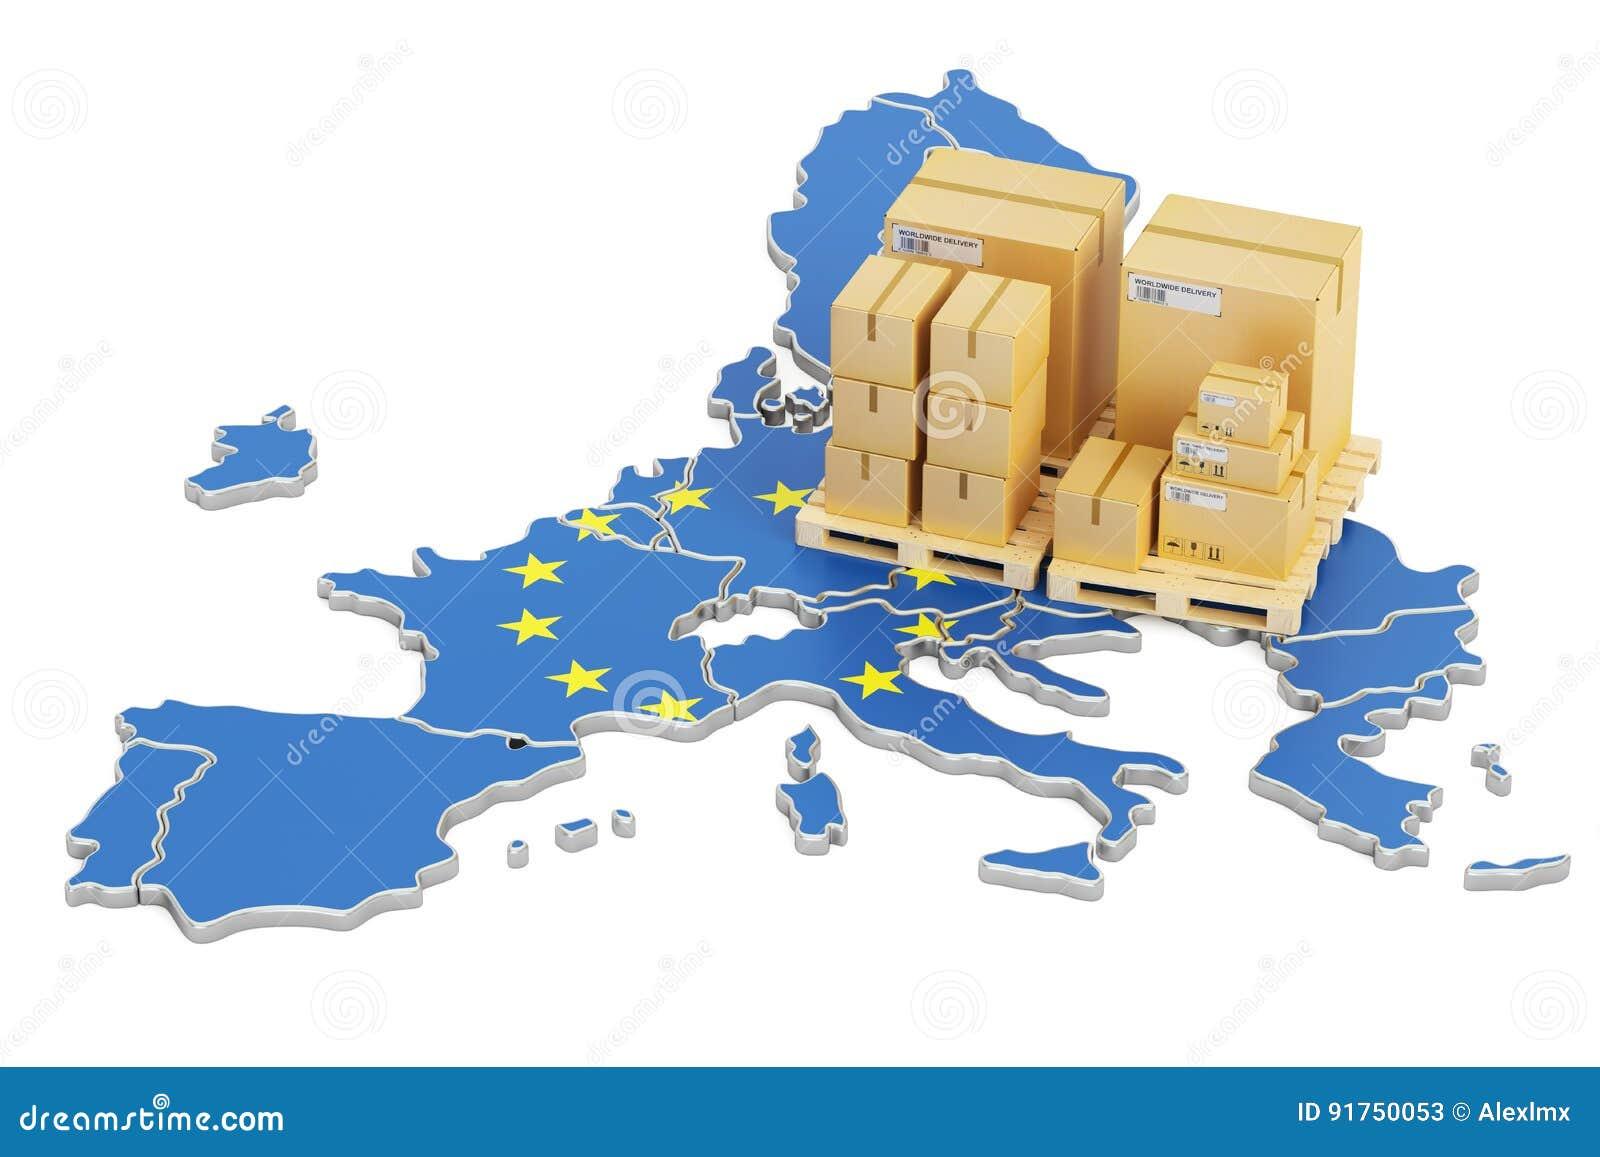 Ναυτιλία και παράδοση από την έννοια της Ευρωπαϊκής Ένωσης, τρισδιάστατη απόδοση